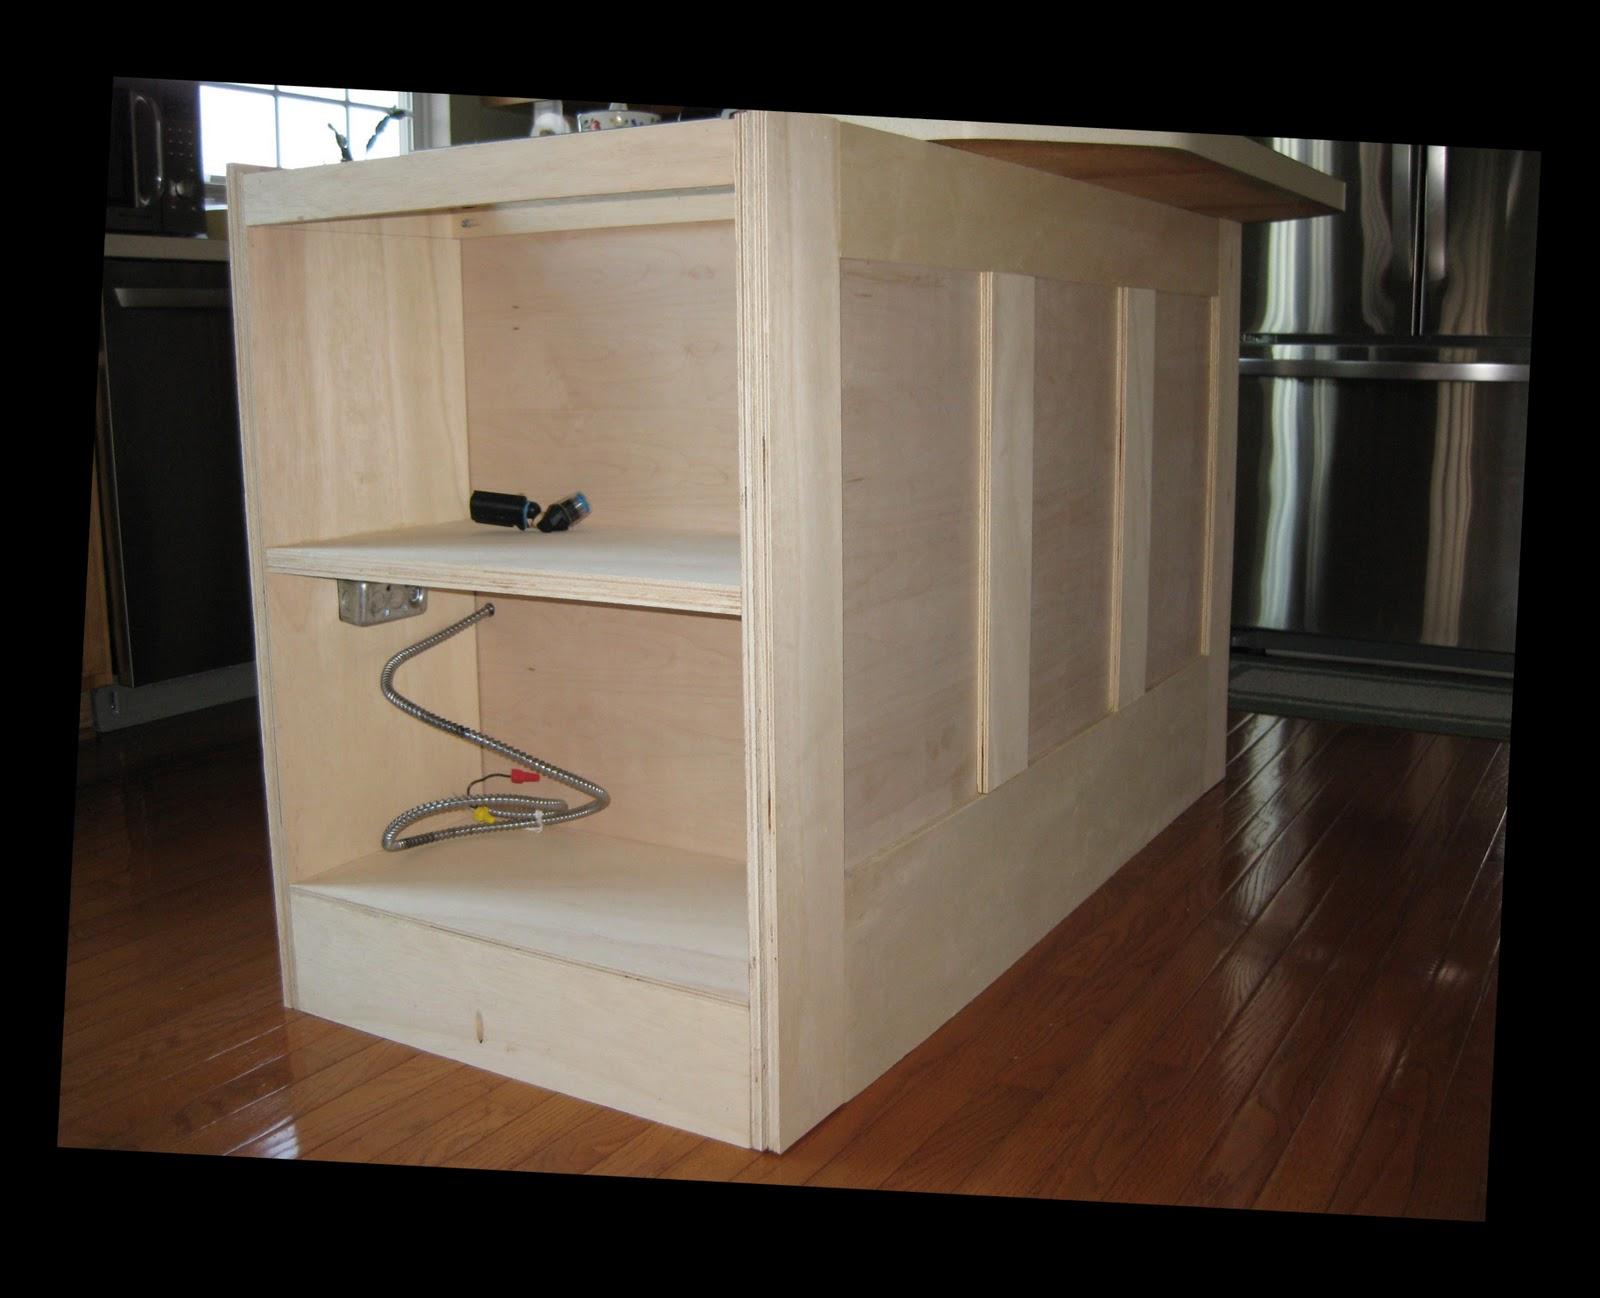 Remodelando la Casa Kitchen Island Update